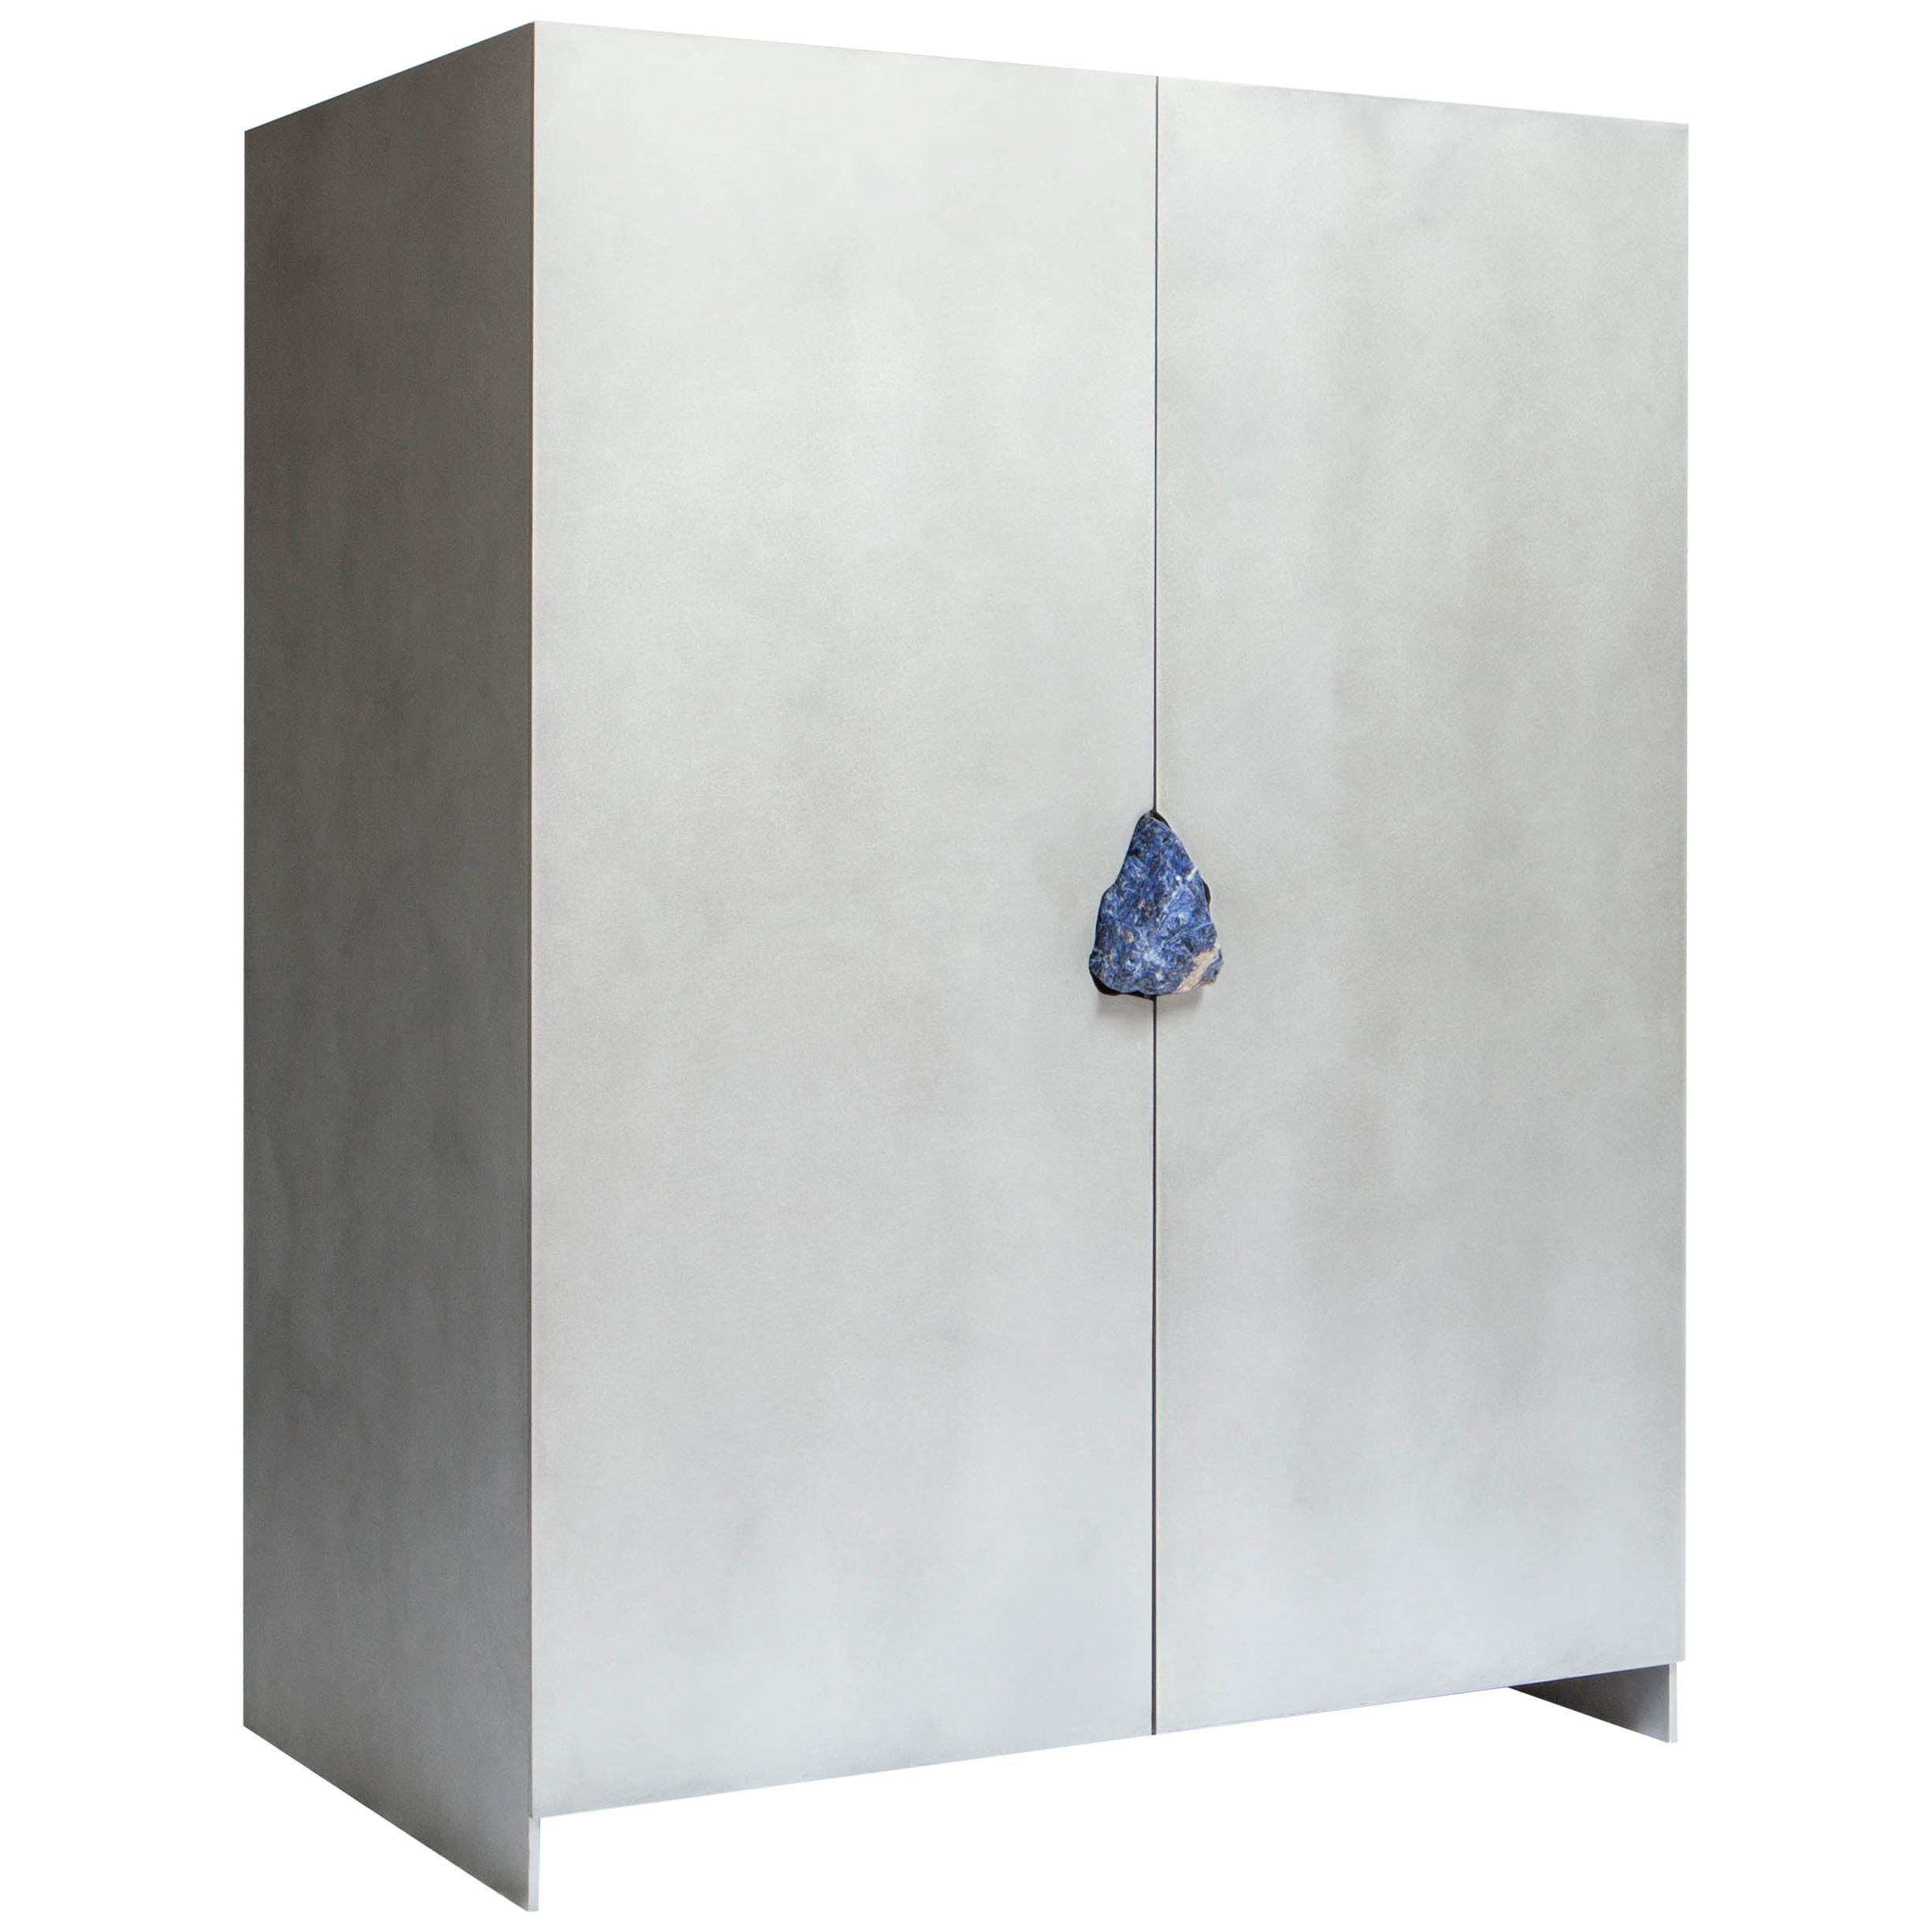 Hand-Sculpted Cabinet with Original Lapis Lazuli, Pierre De Valck